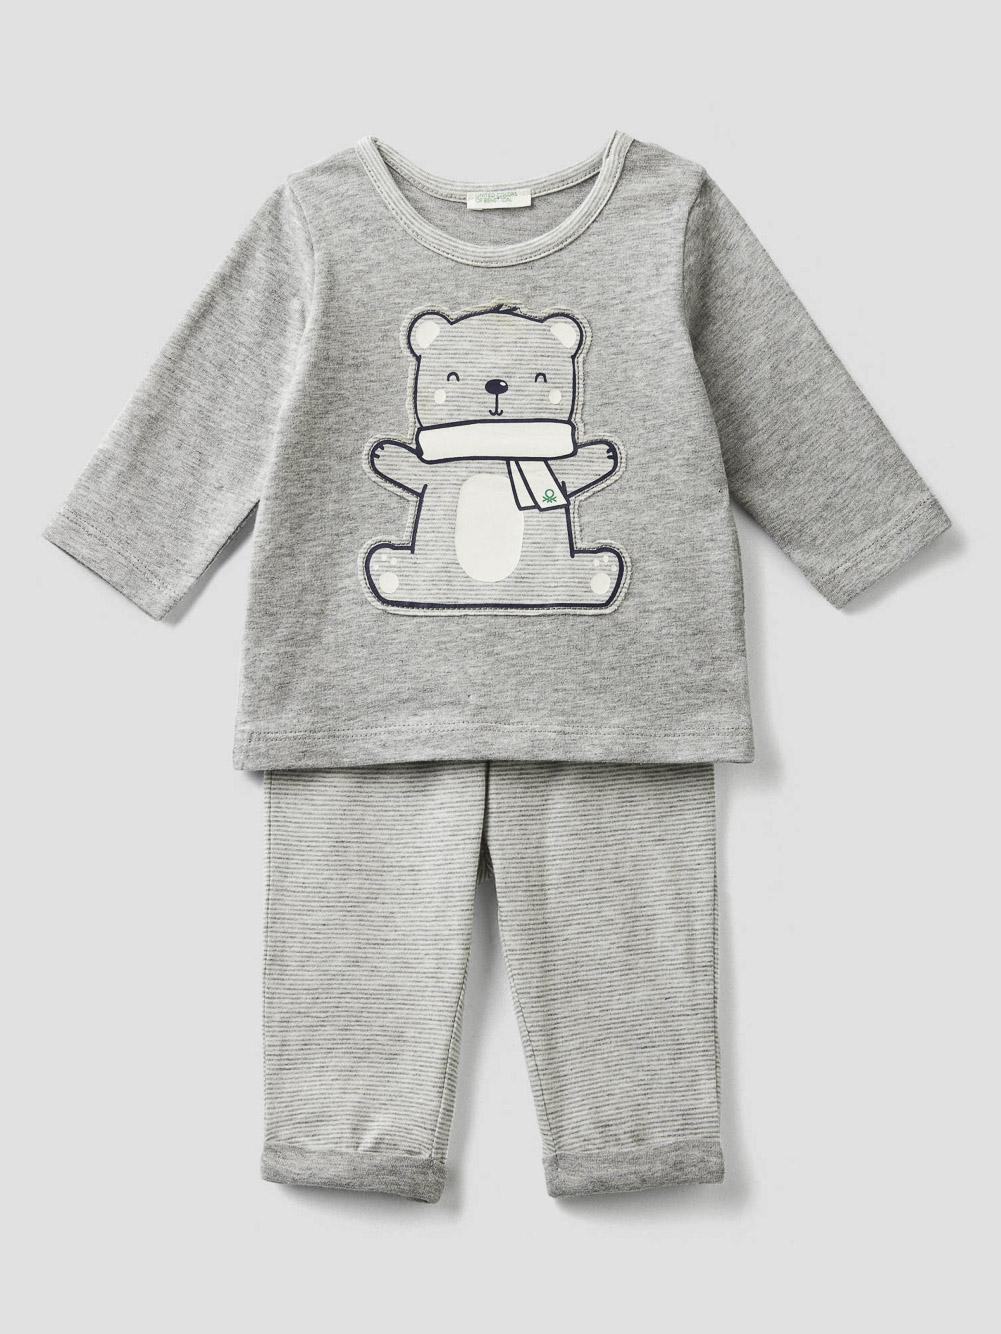 012 BENETTON Σύνολο t-shirt και παντελόνι 3ZK6MM277 20A901